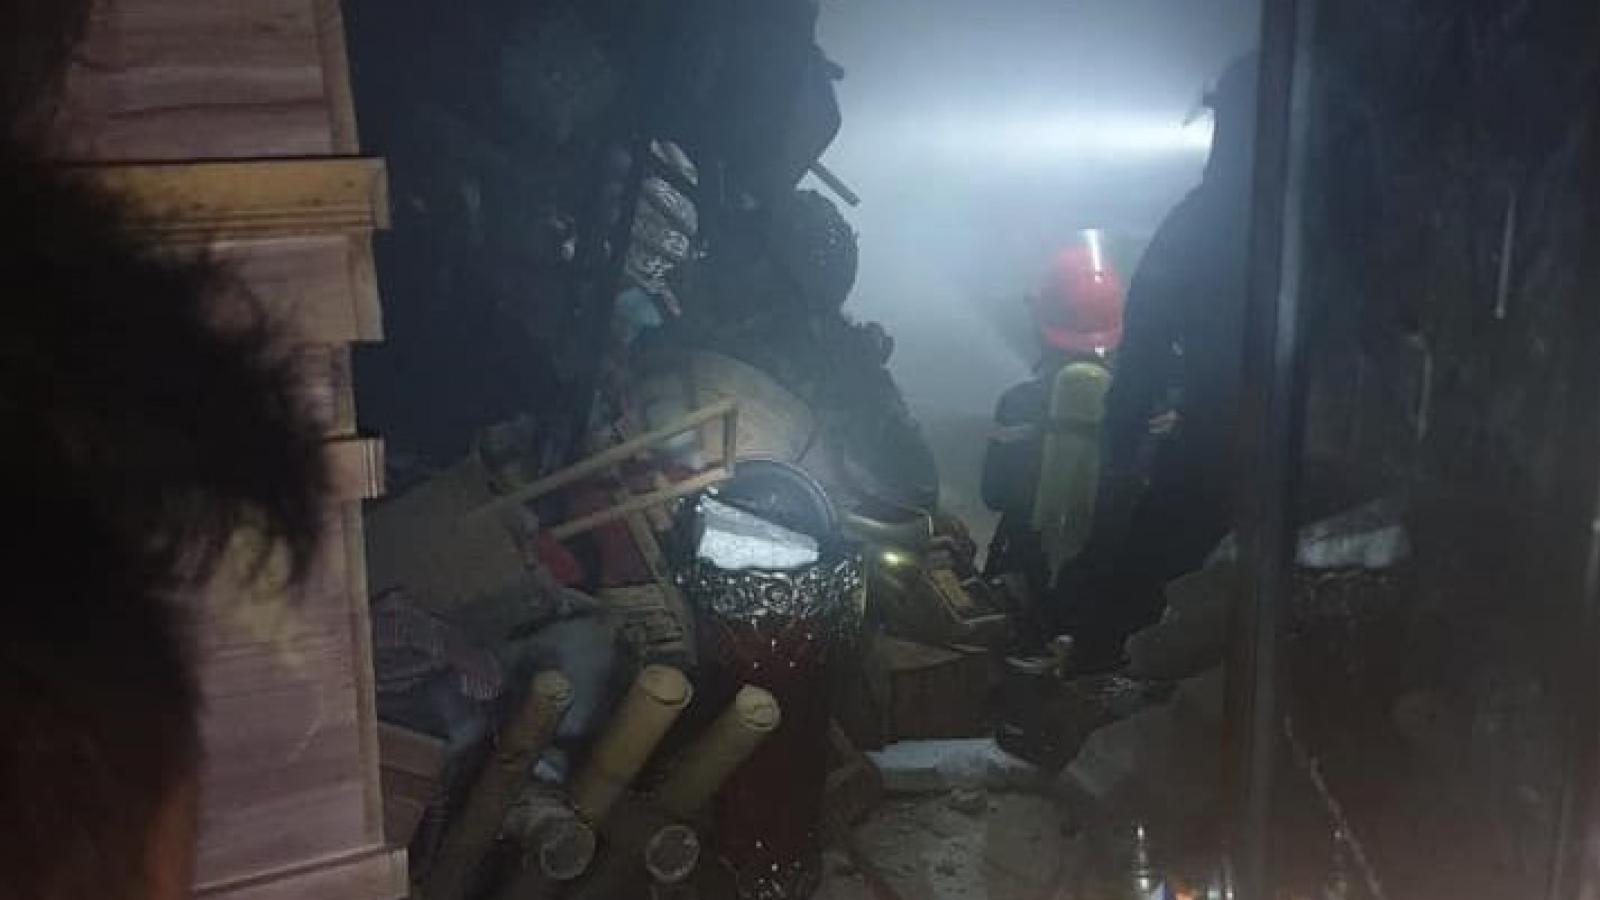 Cháy cửa hàng hoa tại TP Vinh, 4 người trong gia đình kịp thoát ra ngoài